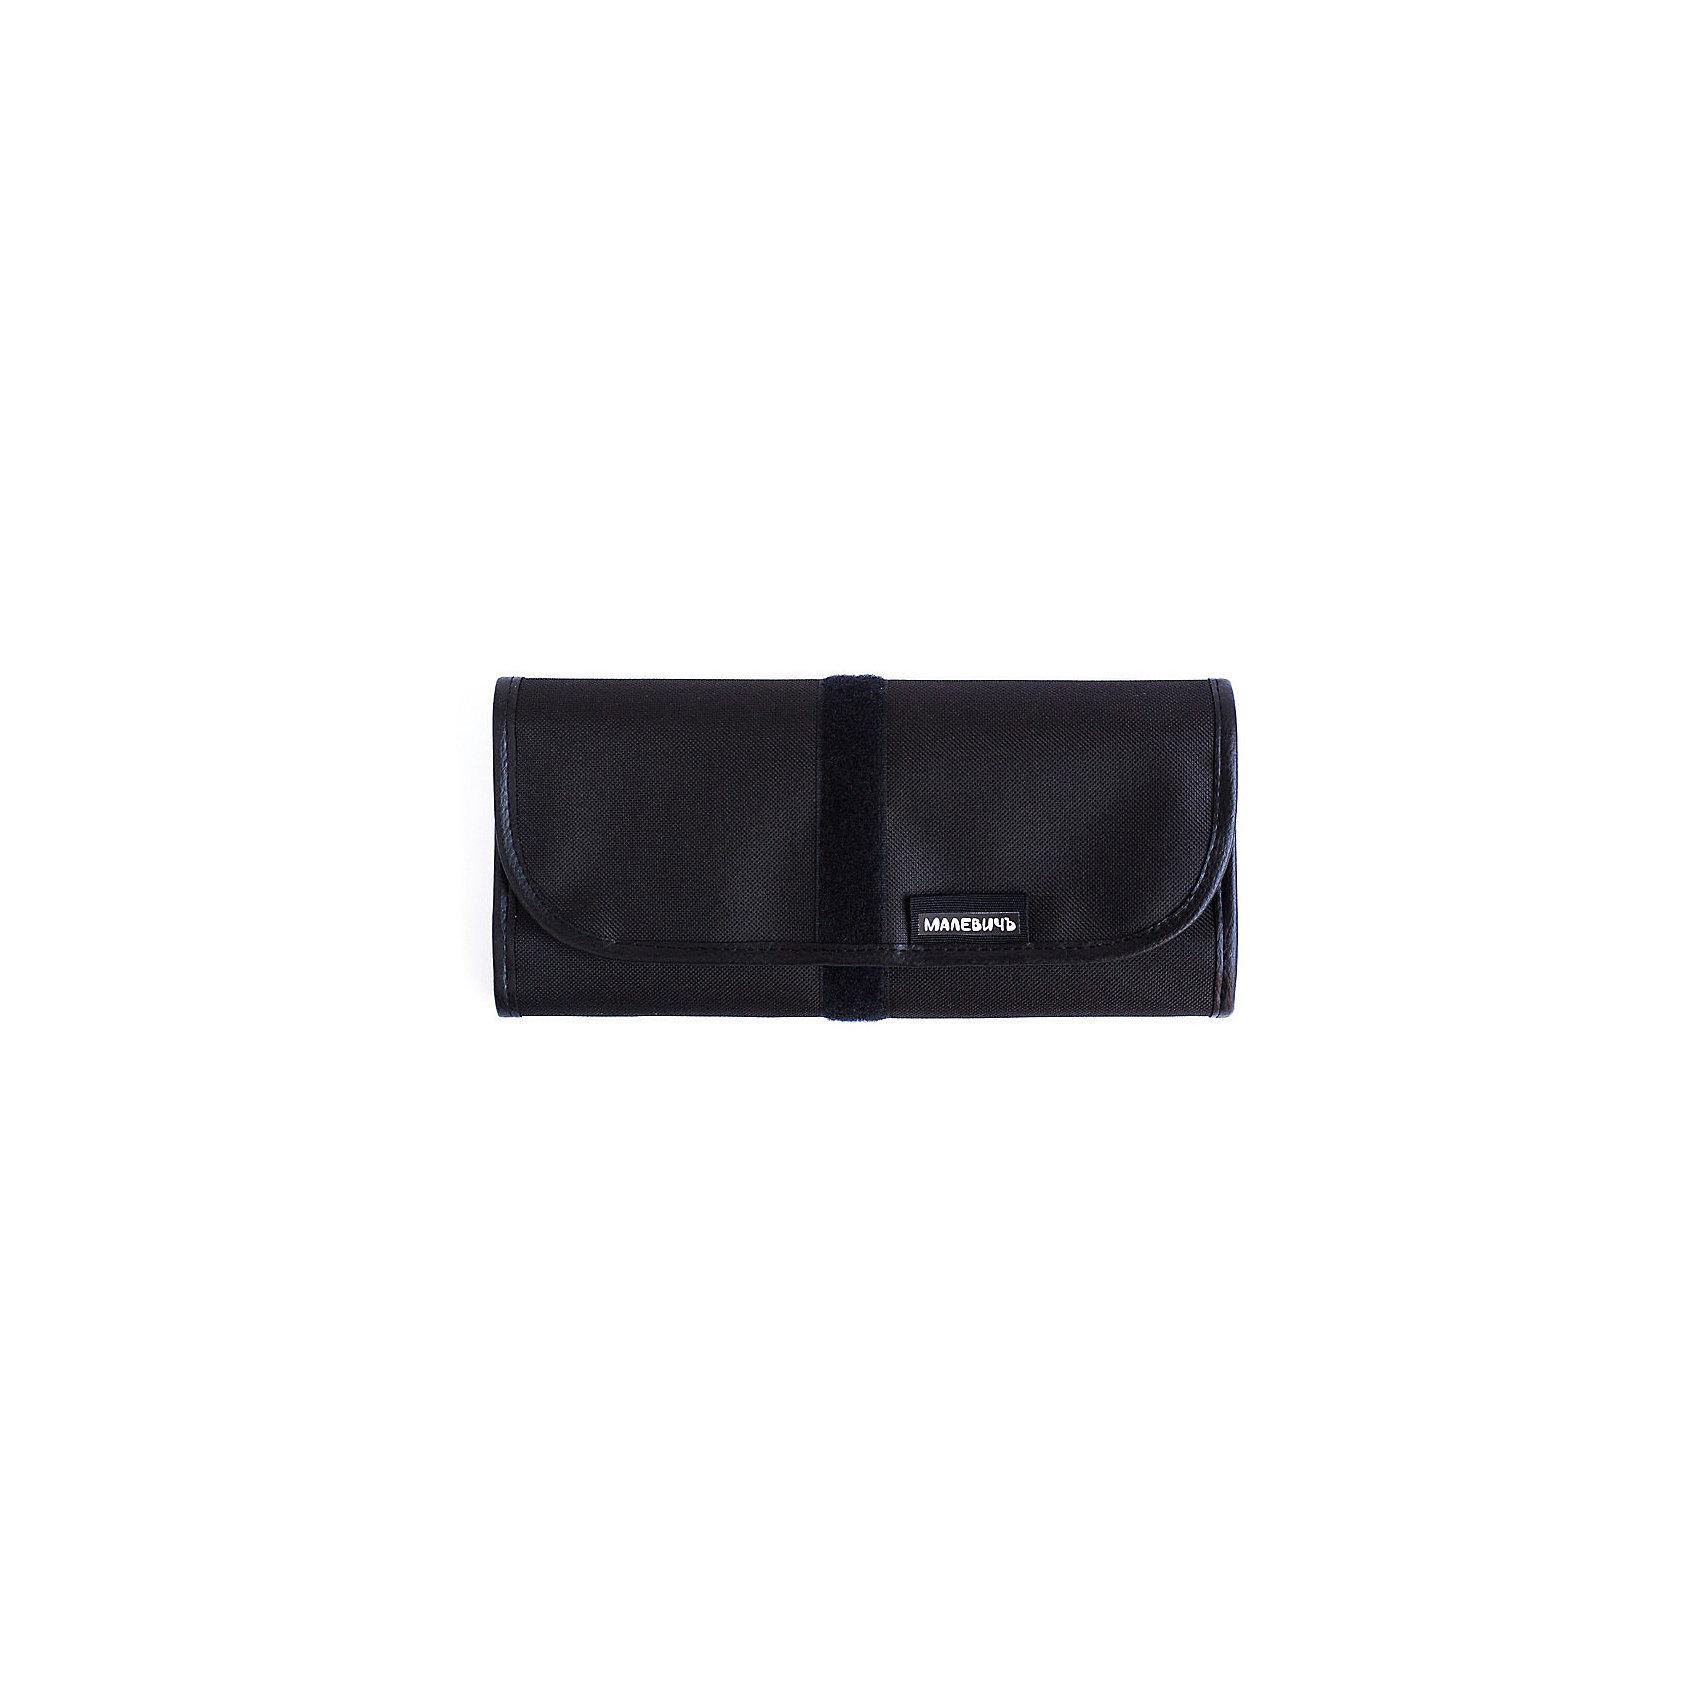 Скрутка для хранения кистей Малевичъ, черная по цене 670